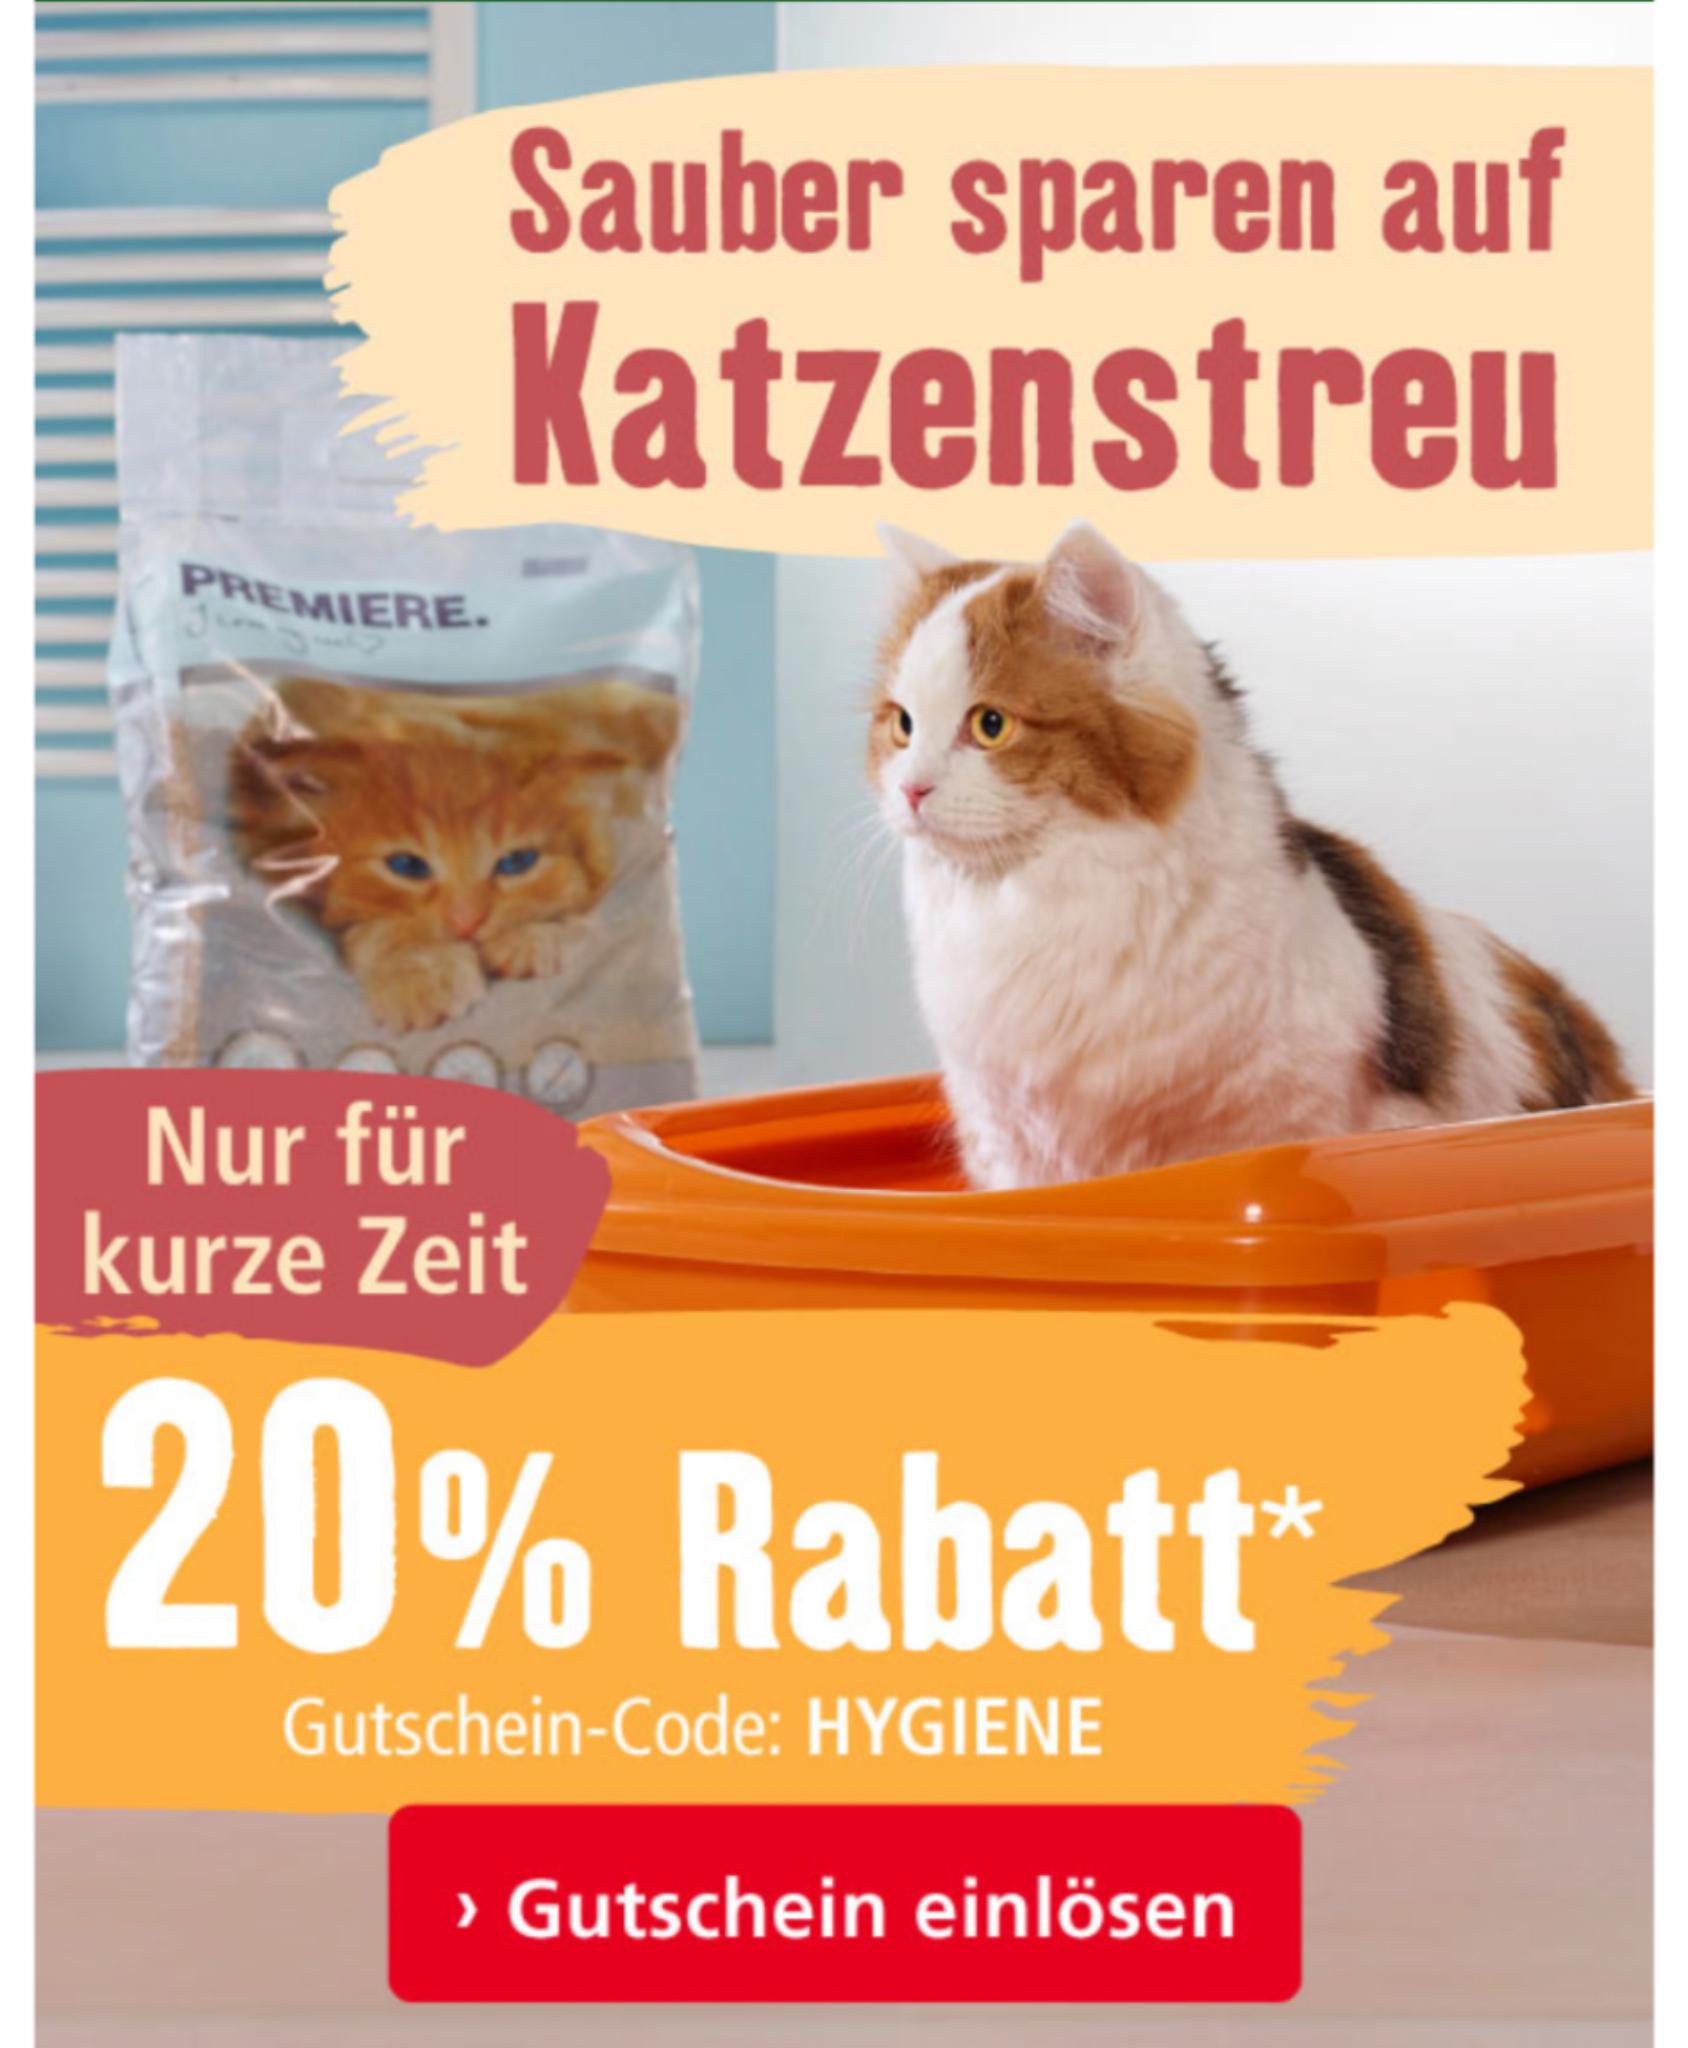 20% Rabatt auf Katzenstreu bei Fressnapf